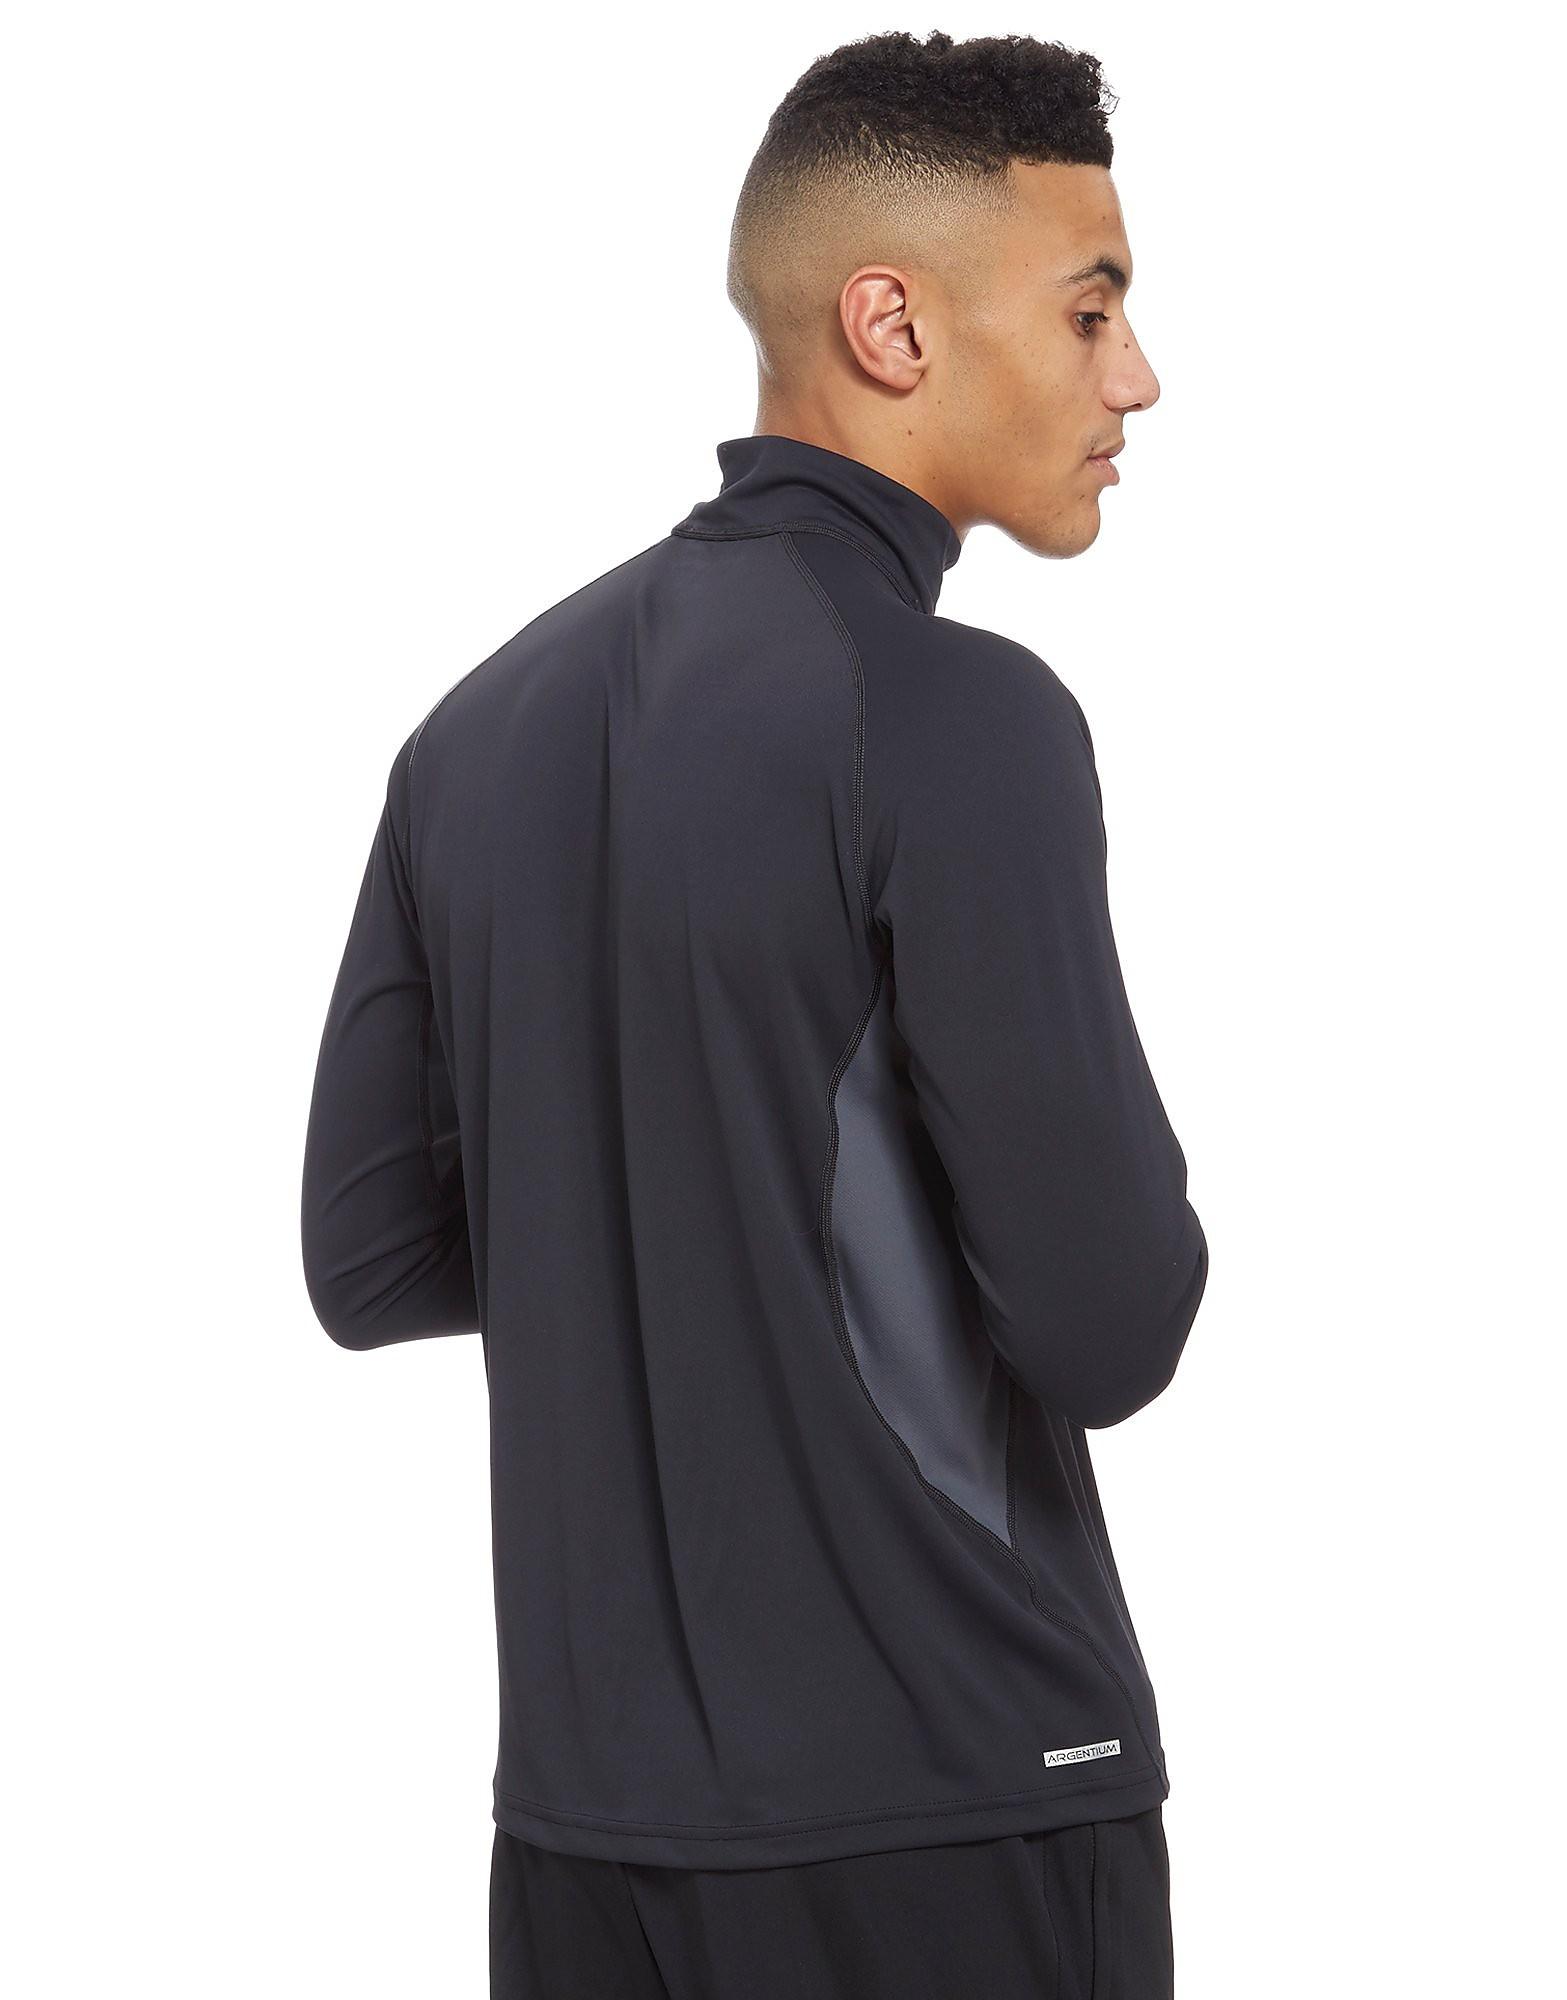 Berghaus Tech Long Sleeve Half Zip Top